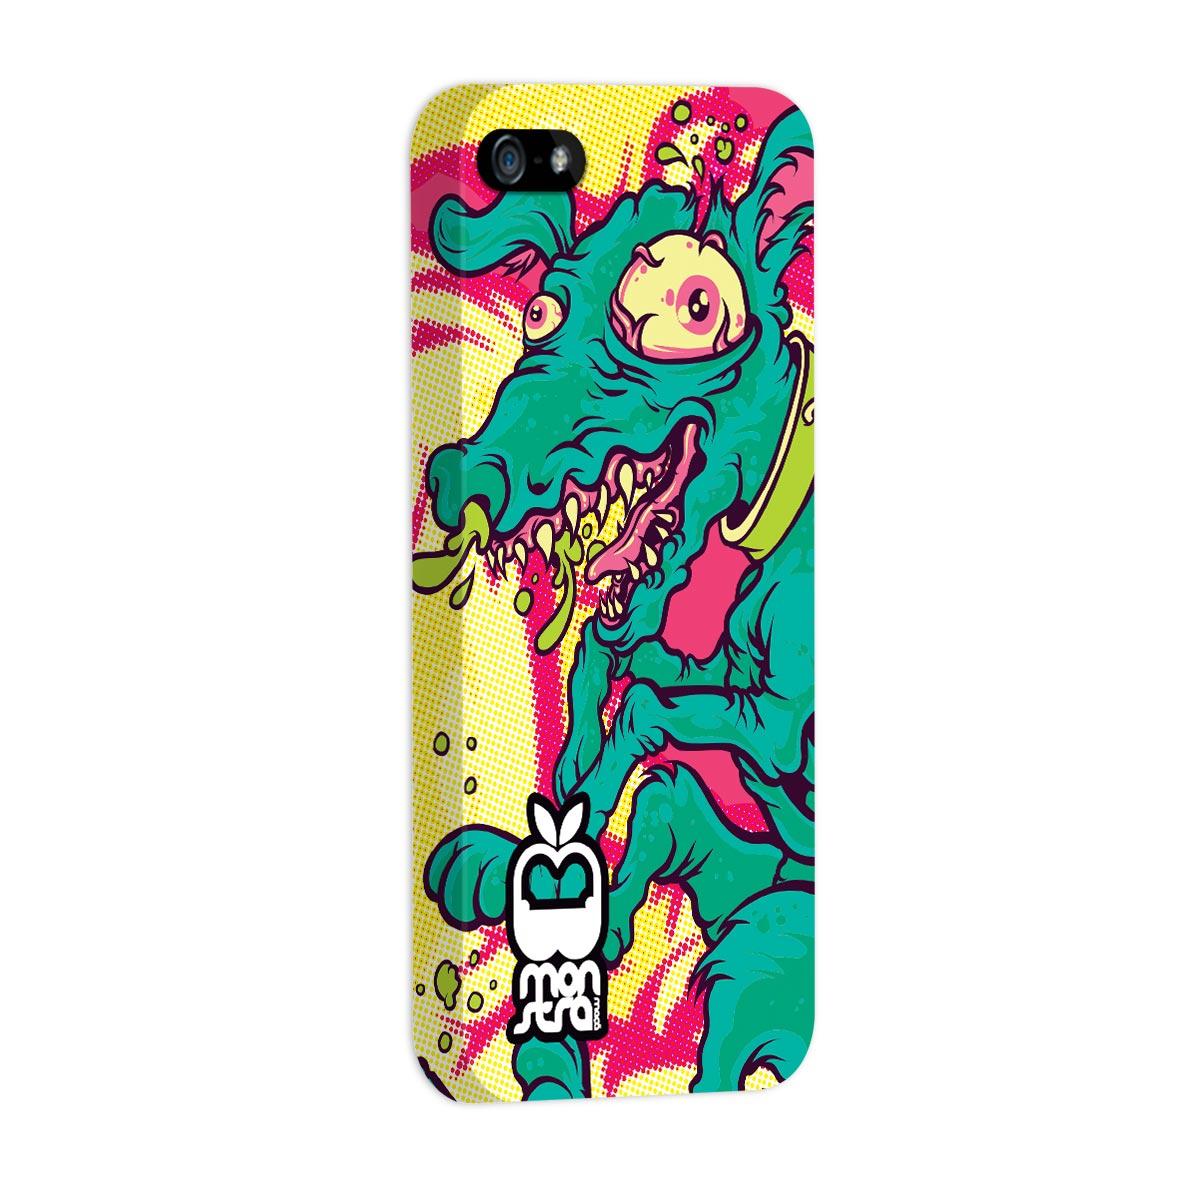 Capa para iPhone 5/5S Monstra Maçã Crazy Dog